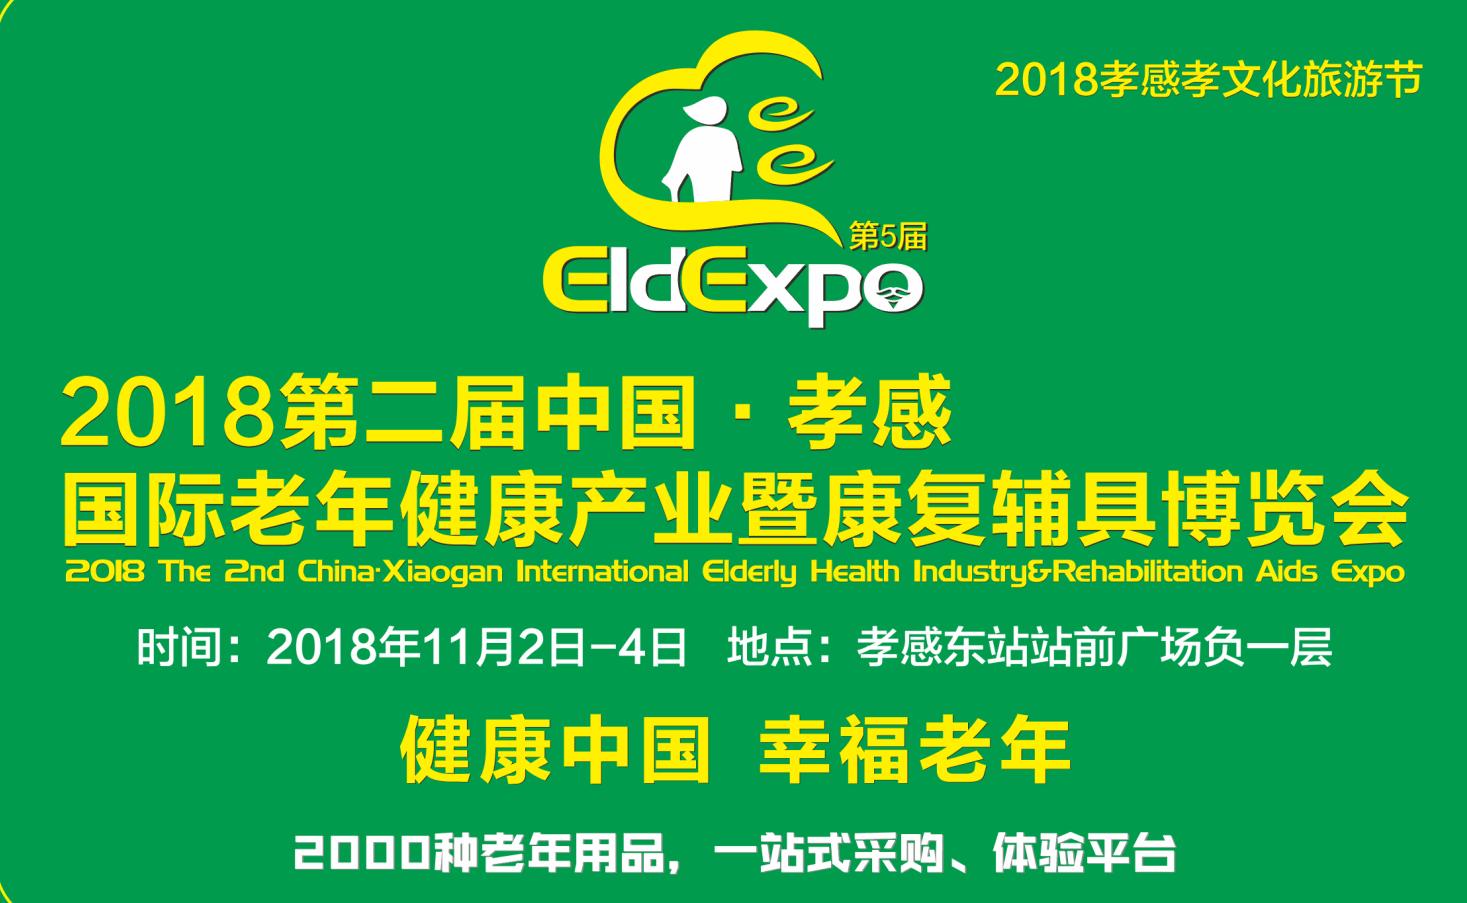 2018第二届中国•孝感国际老年健康产业暨康复辅具博览会